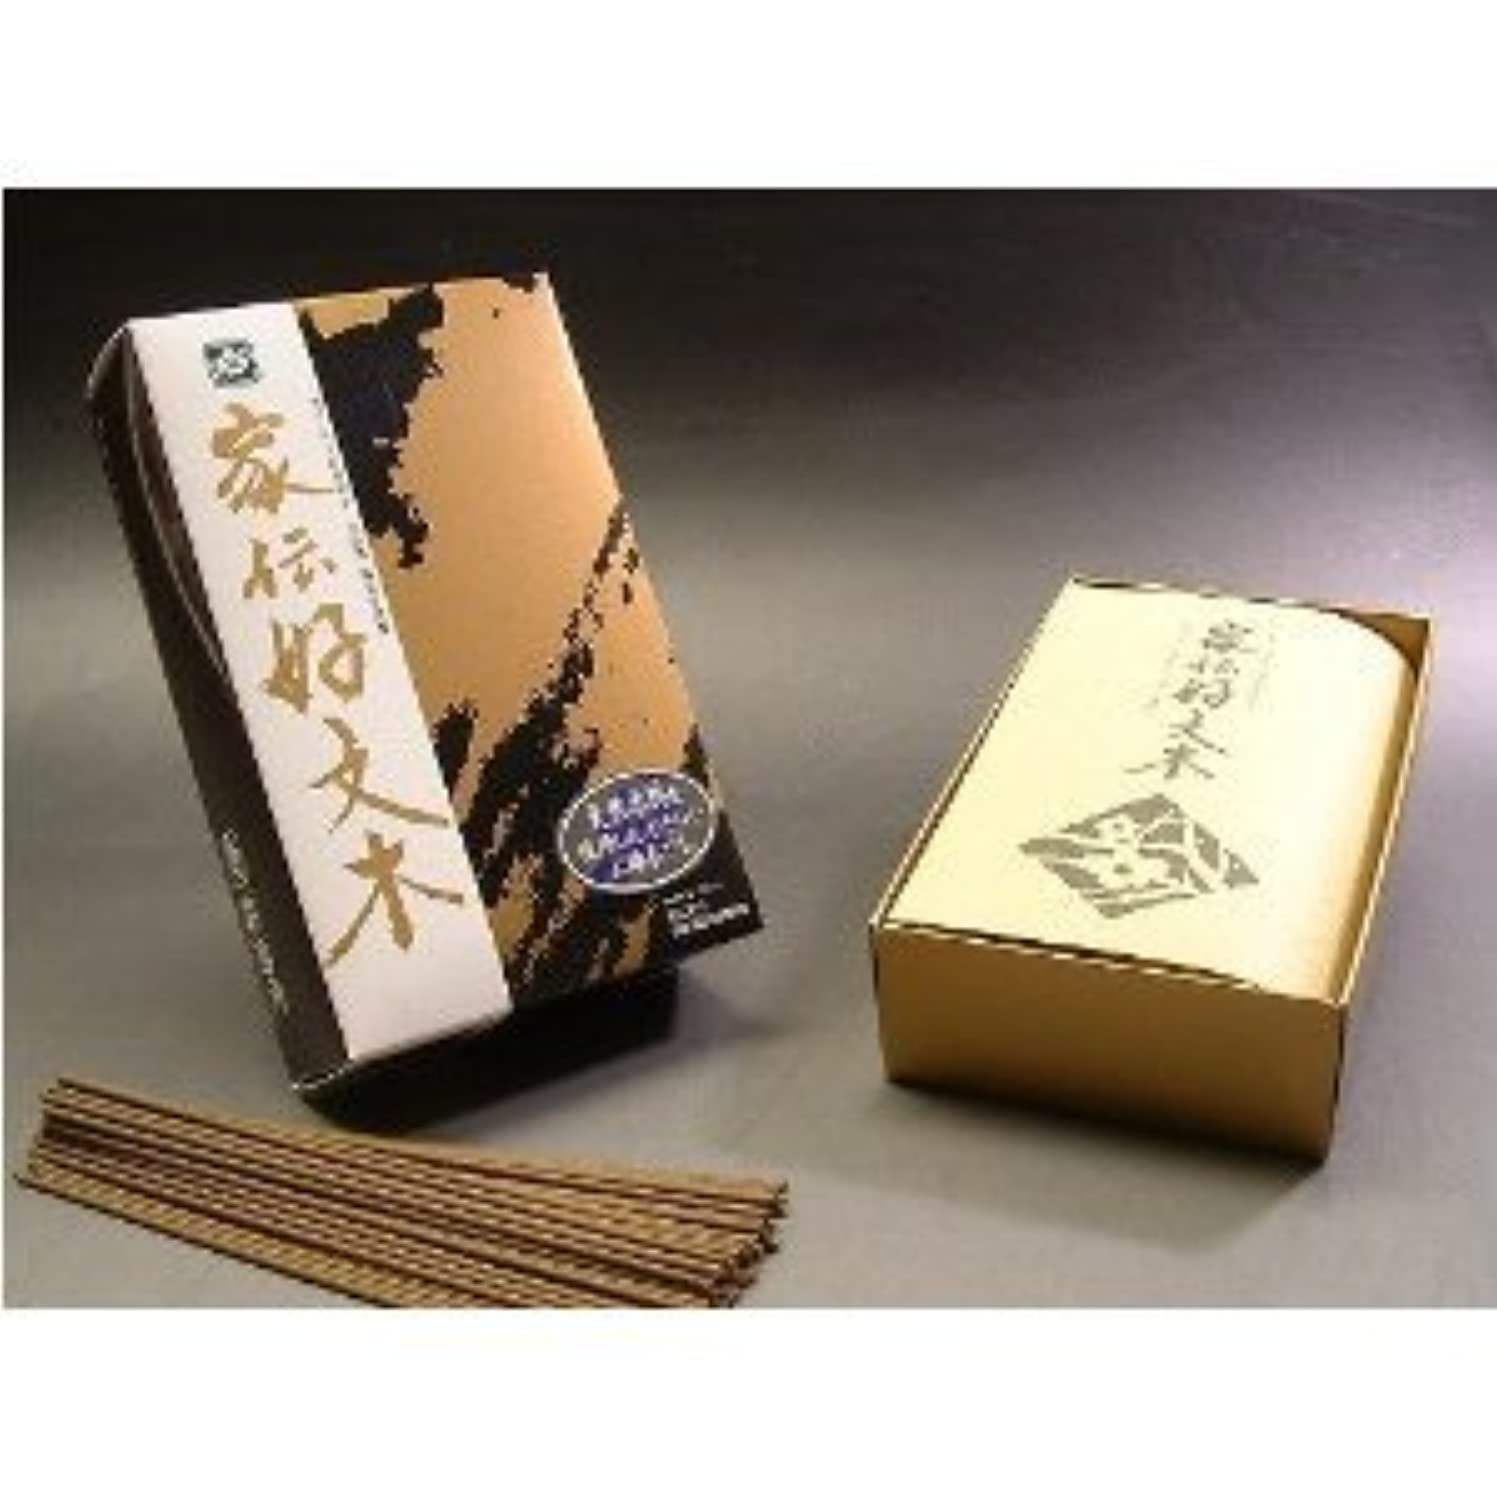 満足できる断言する統合梅栄堂 家伝好文木 短寸大型バラ詰